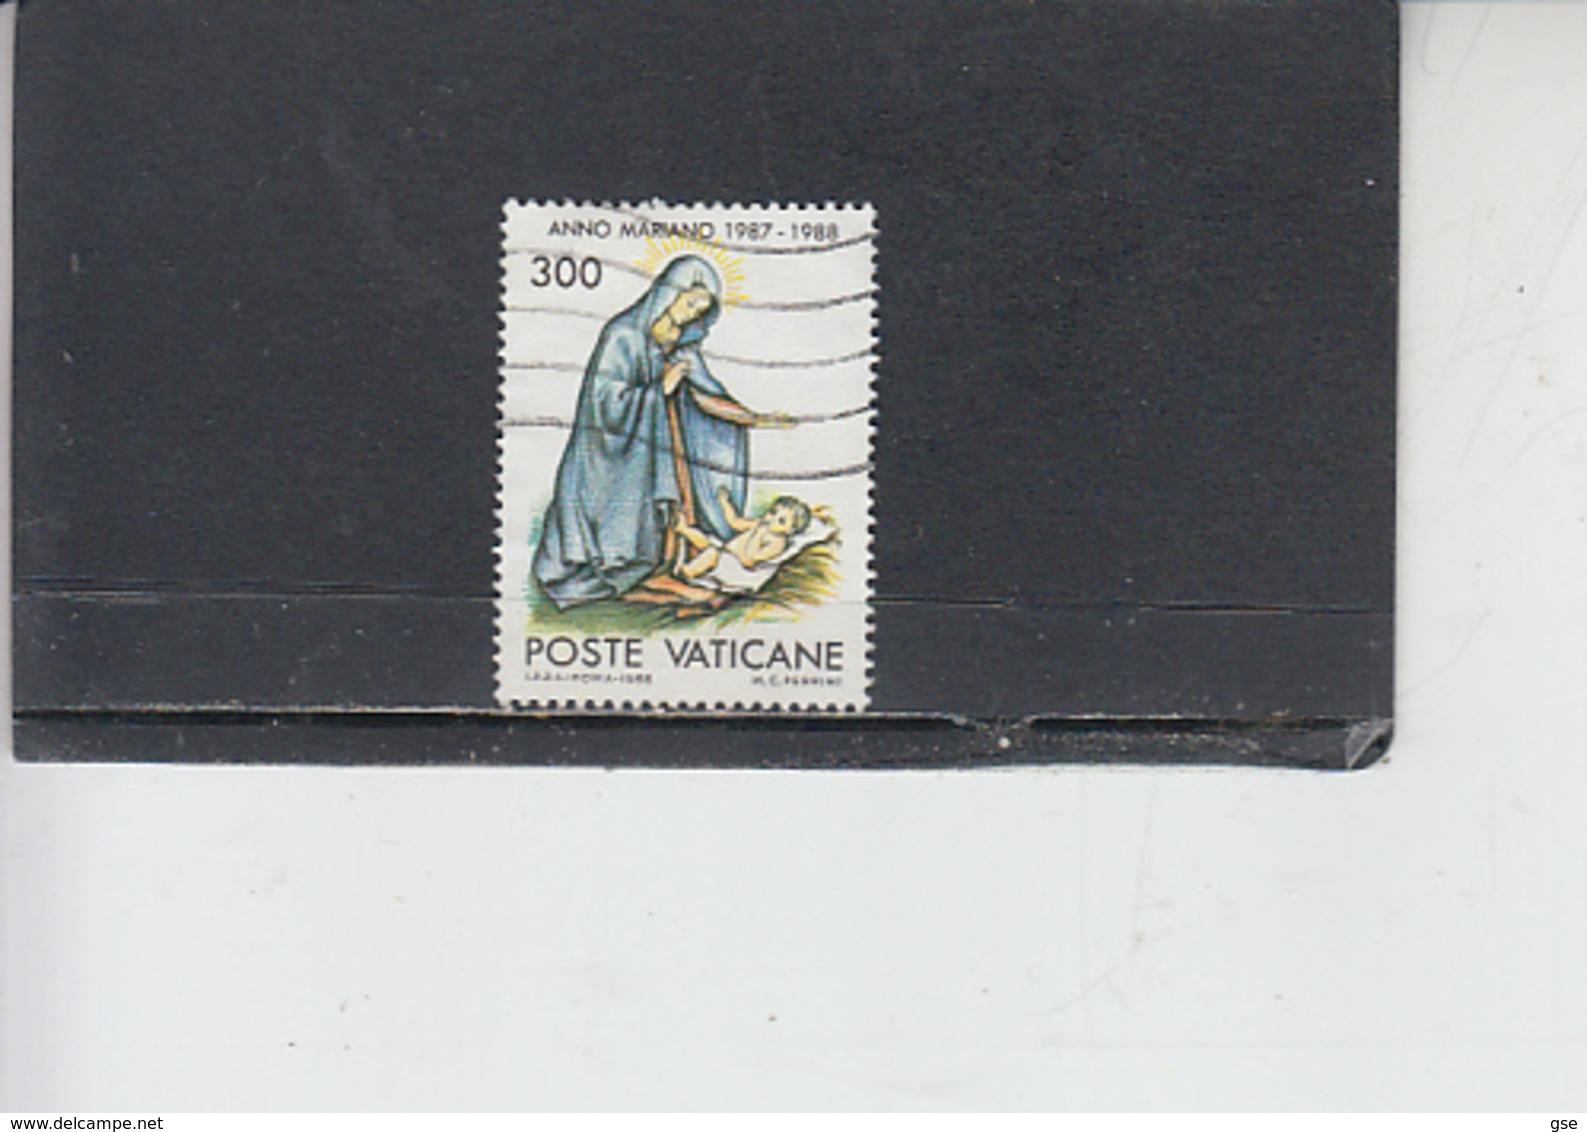 VATICANO 1988 - Sassone 832 - Anno Mariano - Vaticano (Ciudad Del)